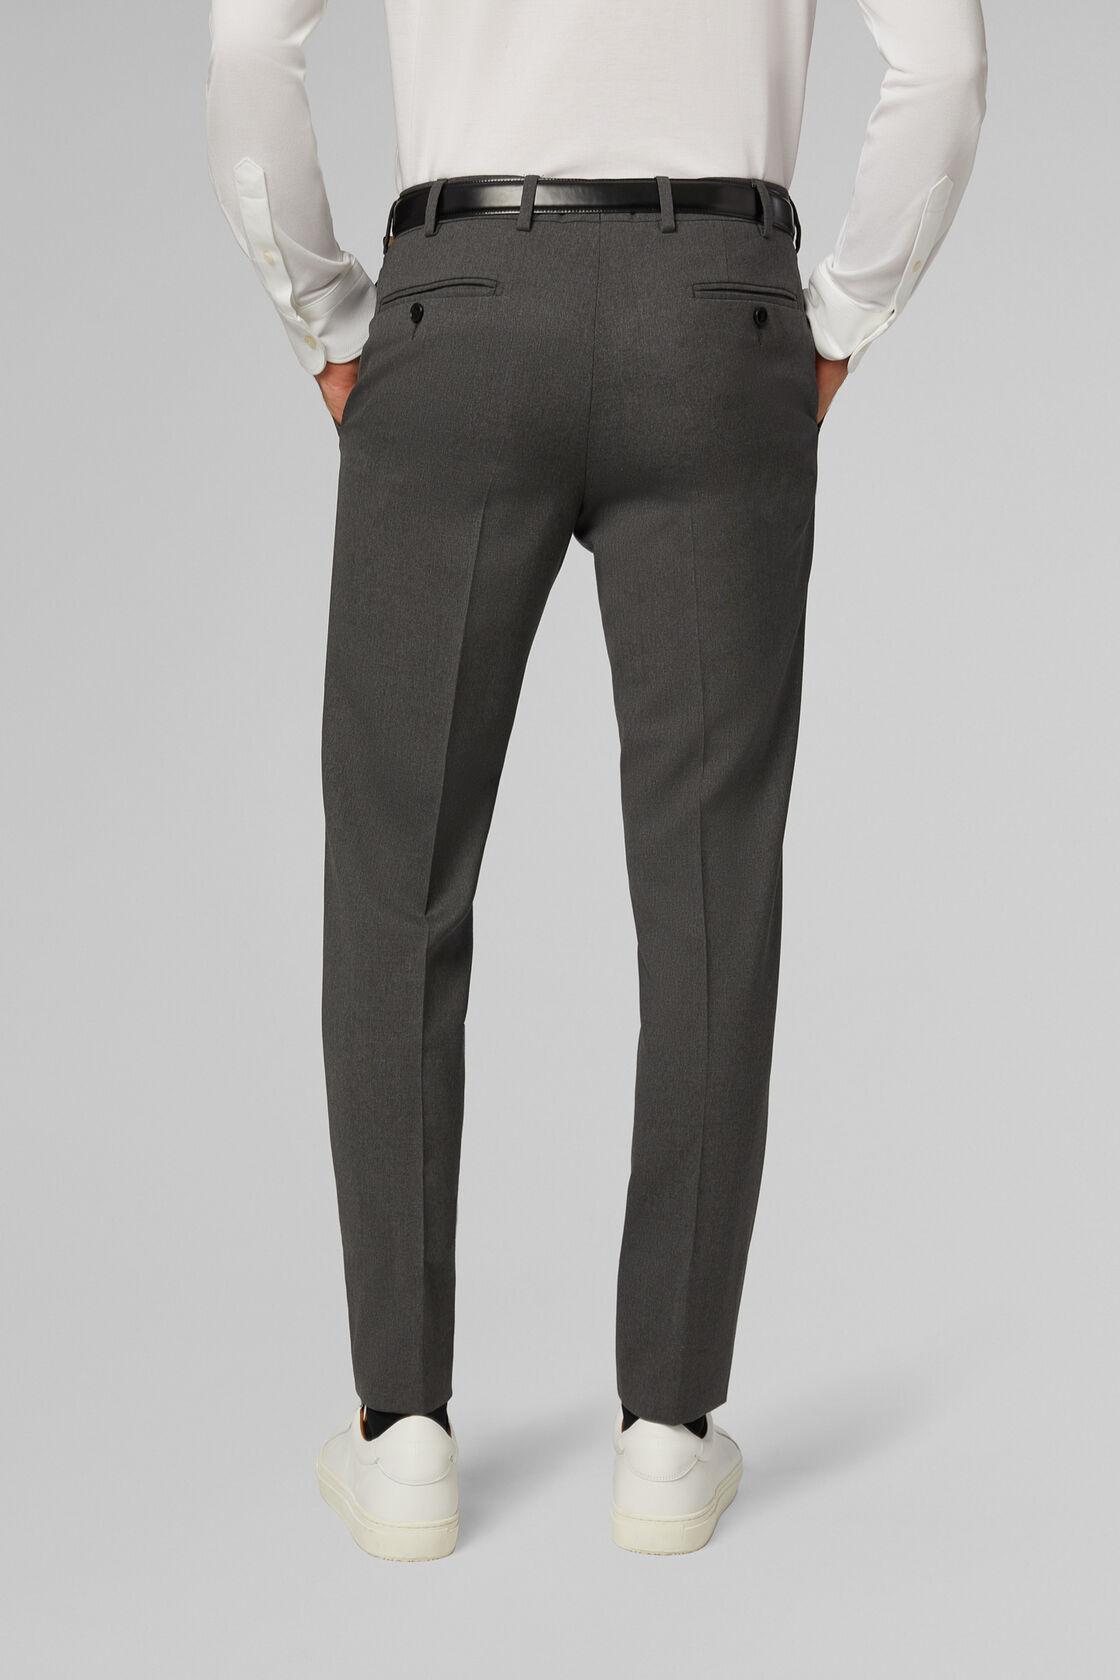 Pantalone Da Abito Grigio In Lana Travel Slim, Grigio, hi-res